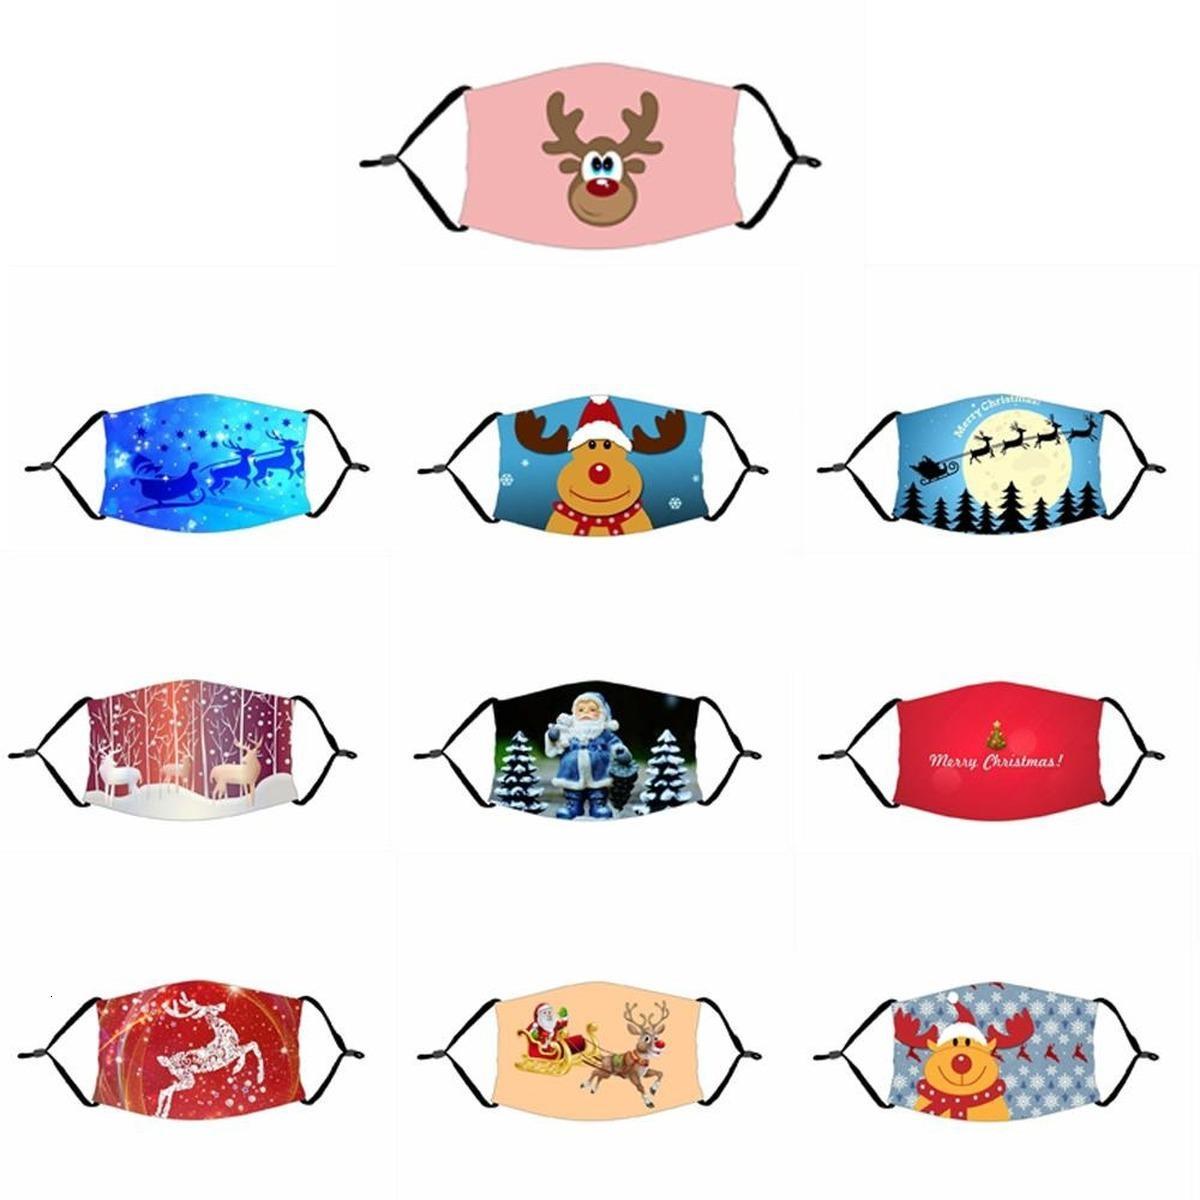 мода маски для лица многоразовых взрослых Дети 3d печати Санта-Клаус весело Защитное Рождество Рот маски Марк Ткани маски для лица